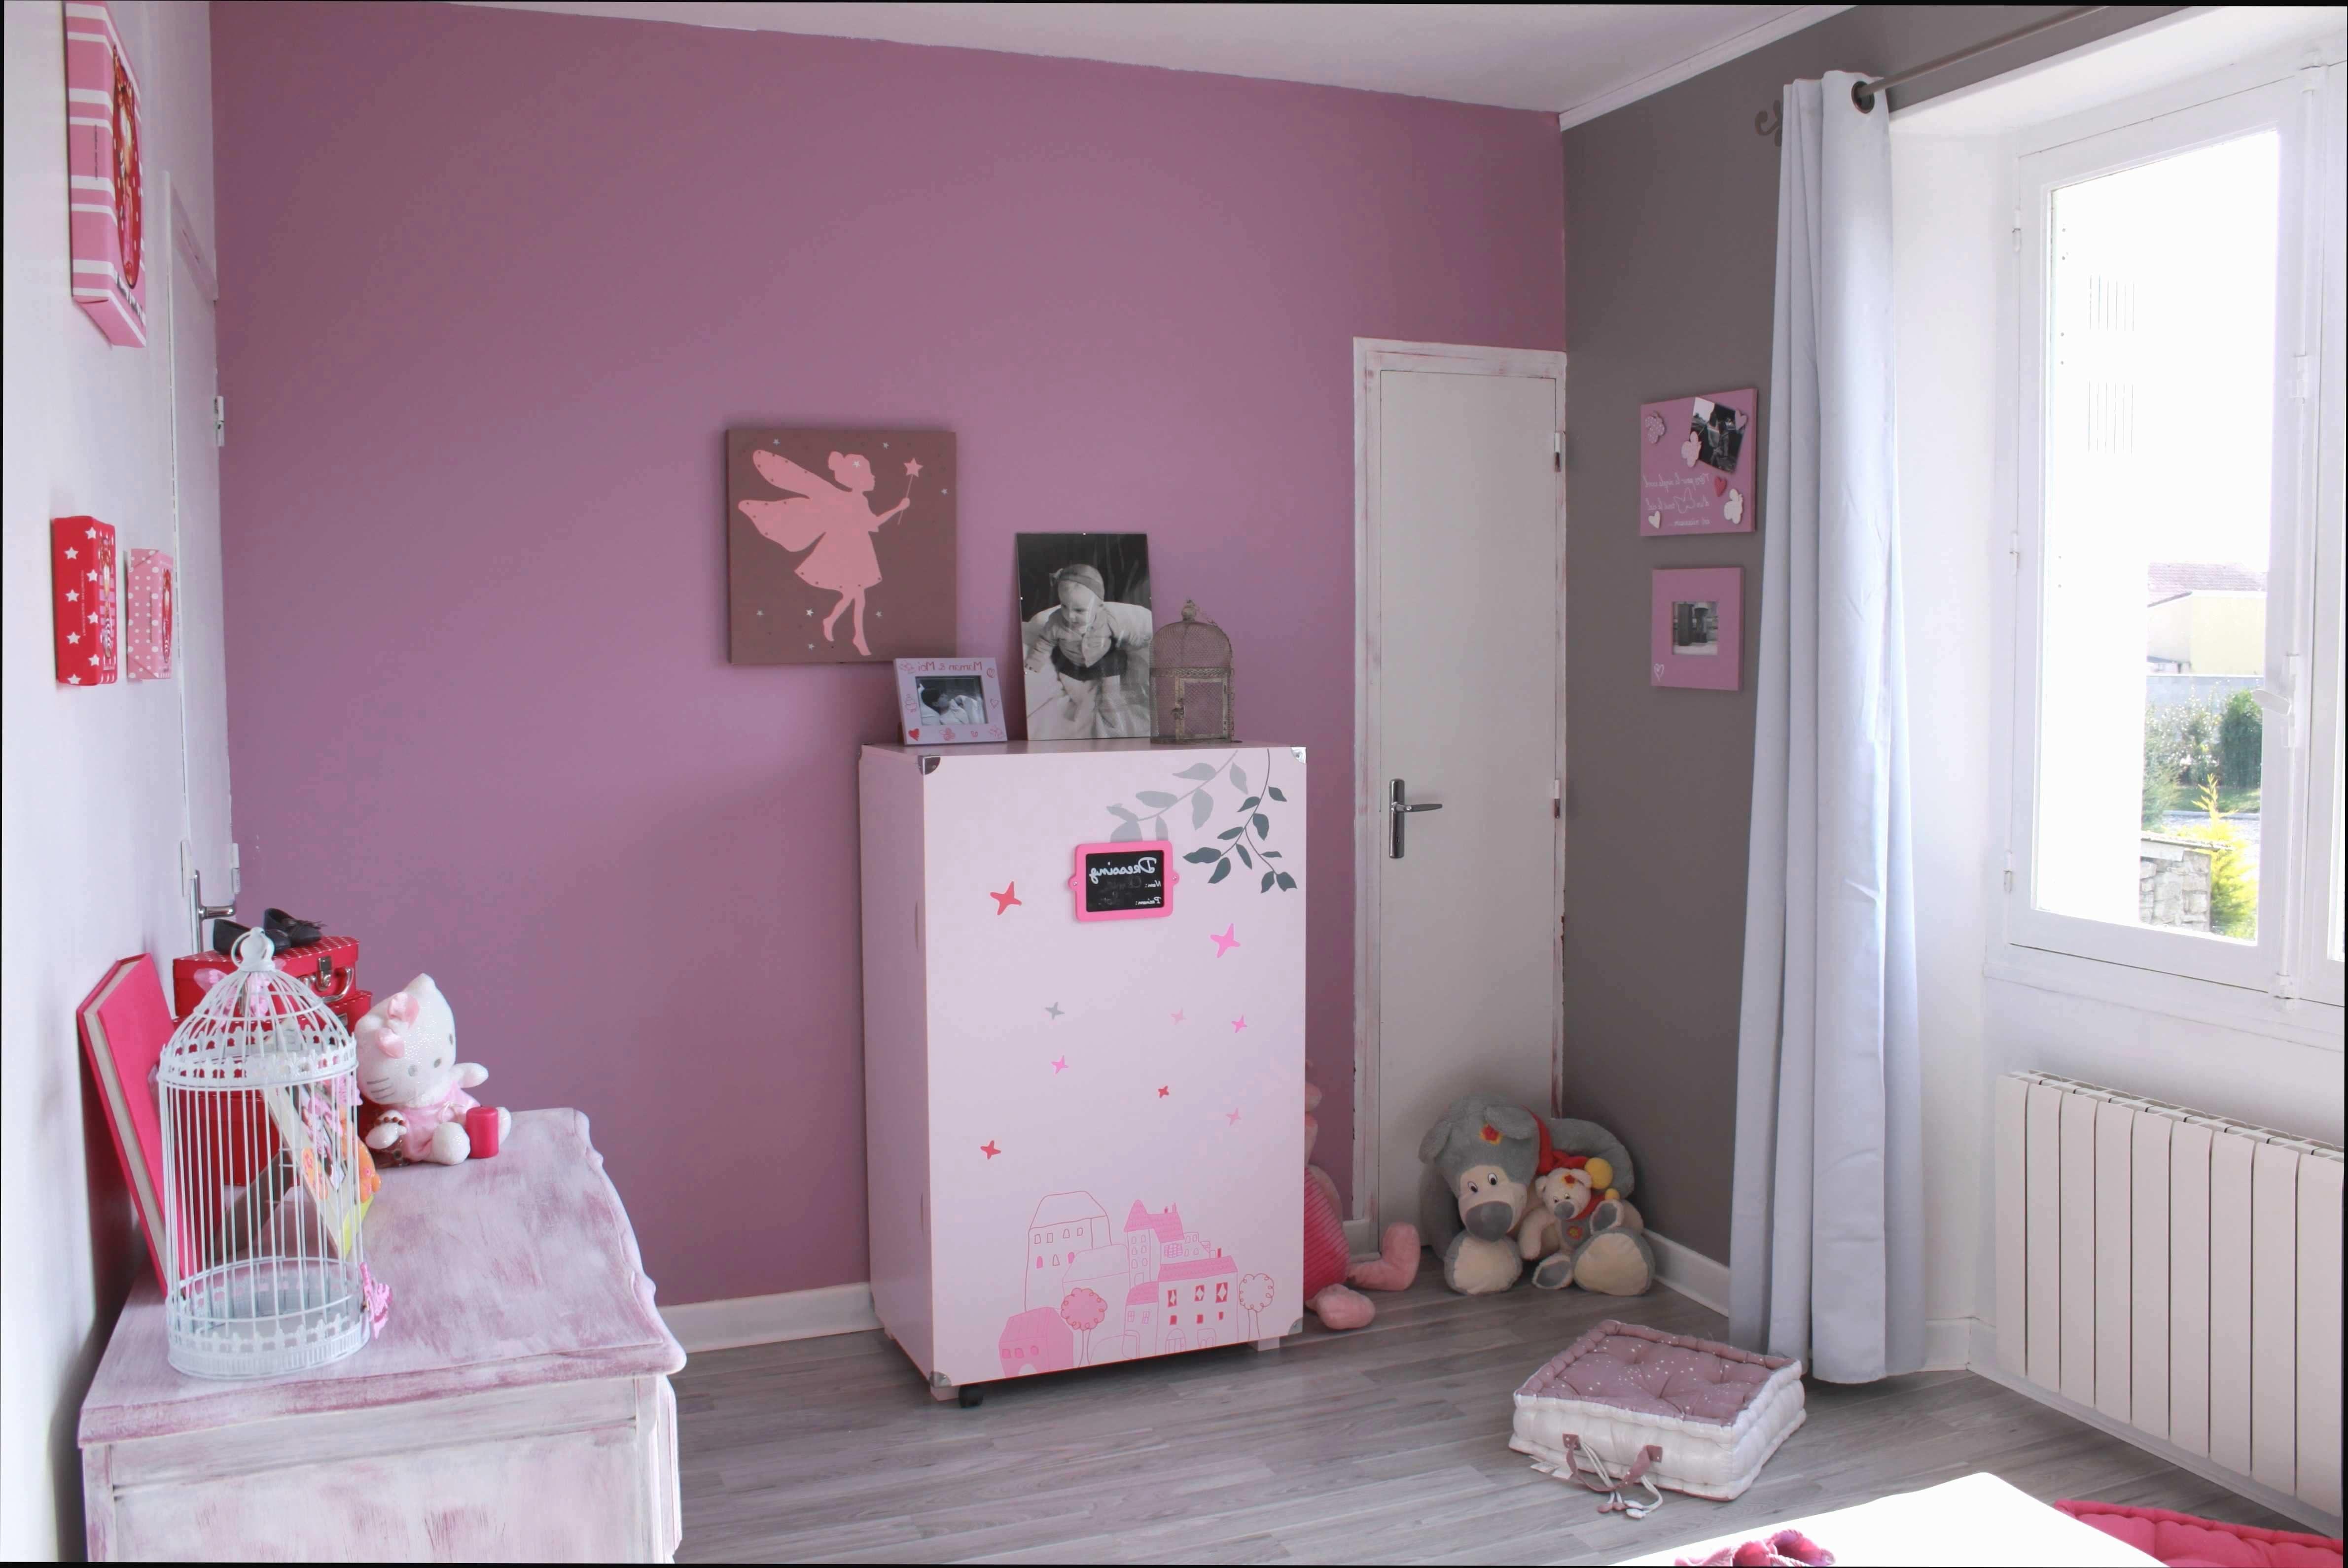 Decoration Mur Tete De Lit Joli Couleur Tete De Lit Impressionnant S Mur Tªte De Lit D Une